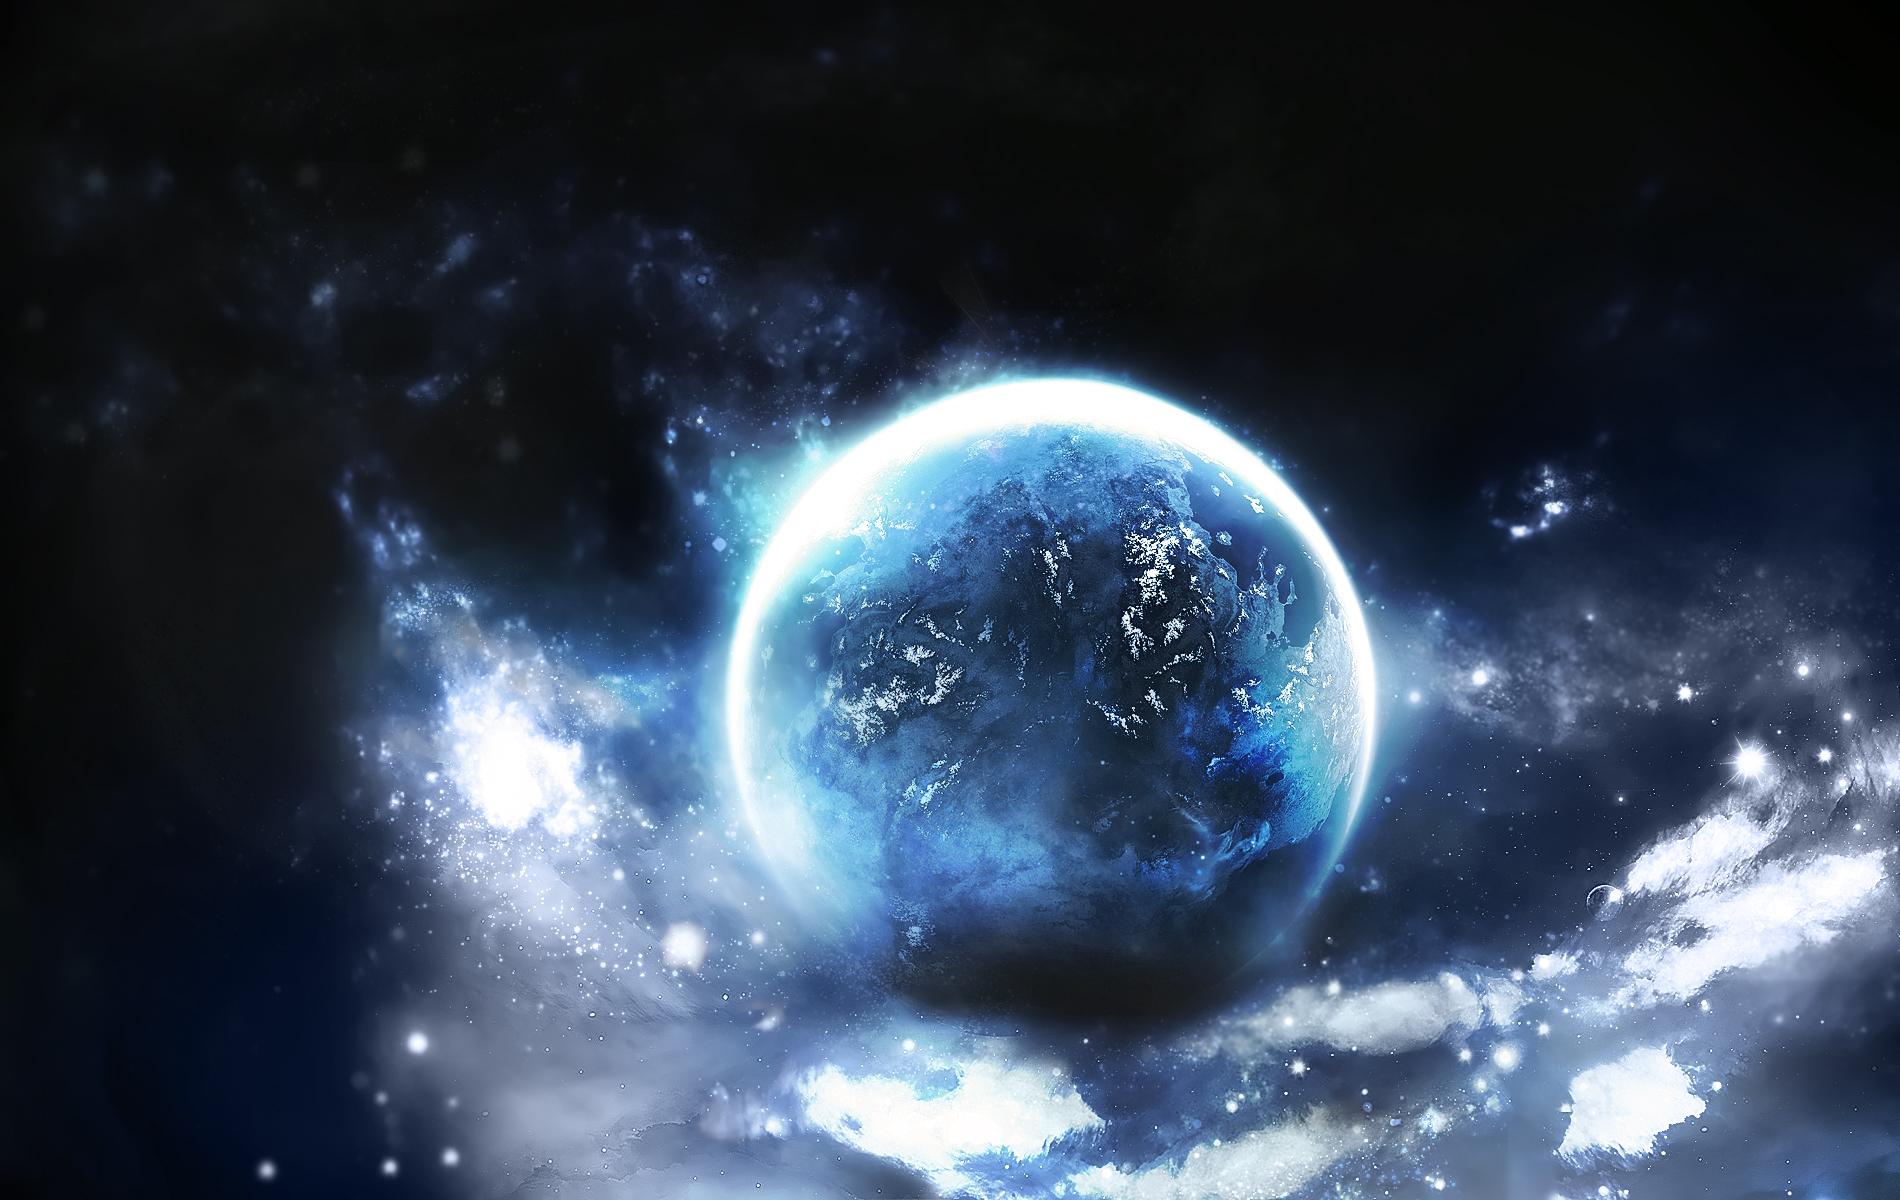 Обои Планеты синие картинки на рабочий стол на тему Космос - скачать  № 1765802  скачать